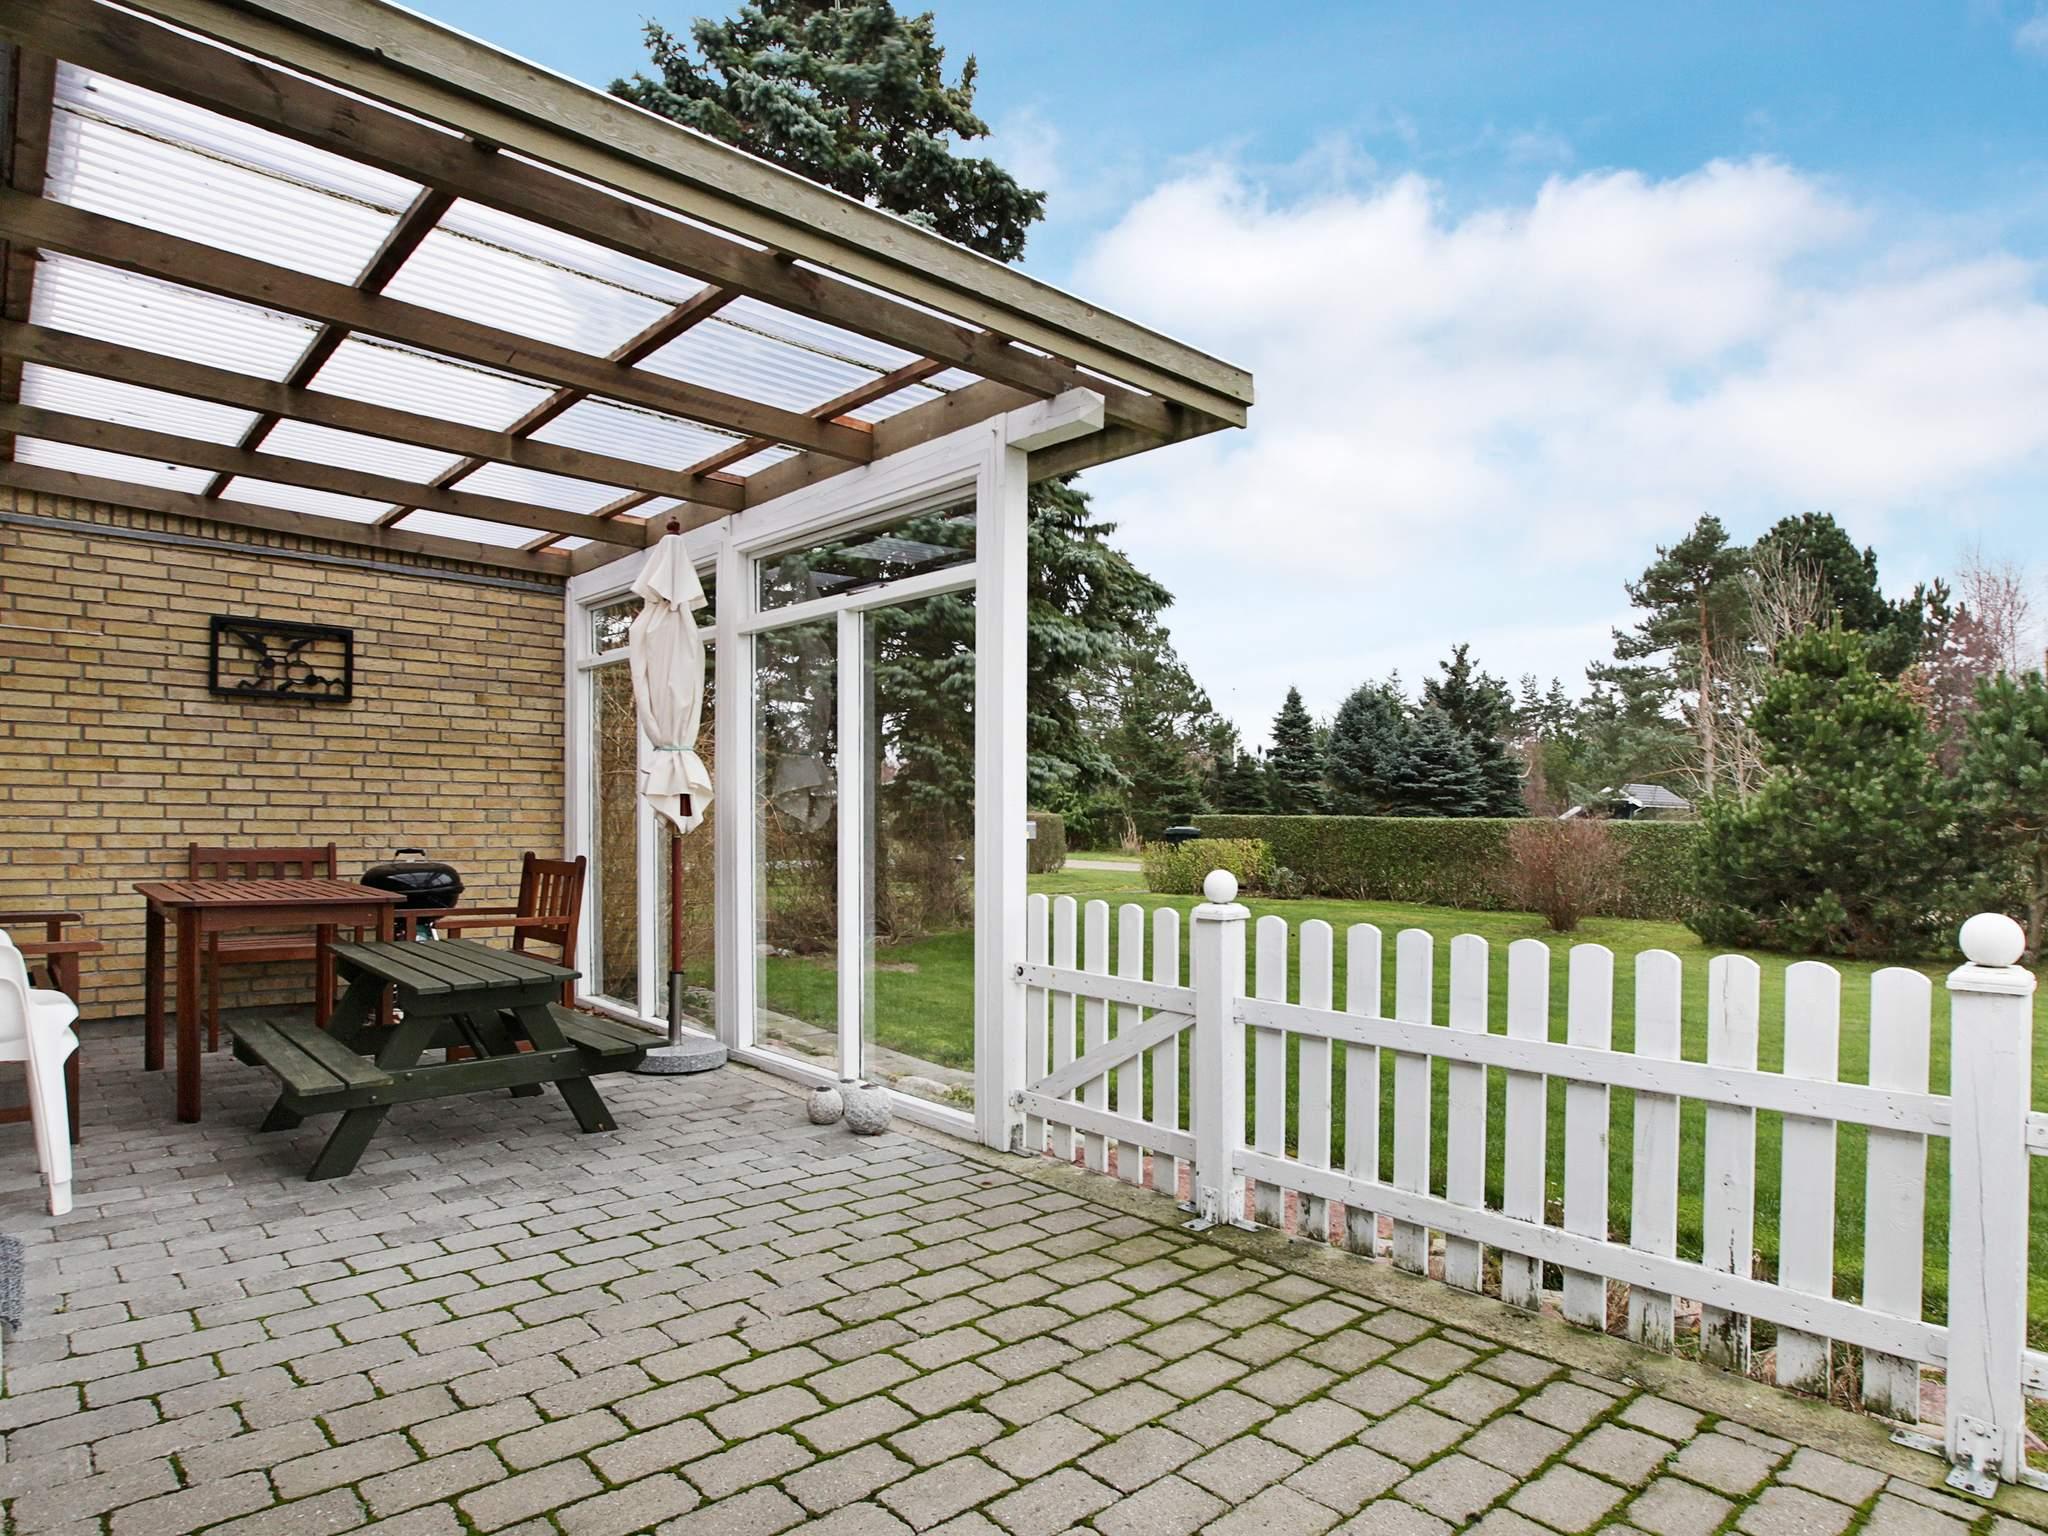 Ferienhaus Hummingen (125876), Hummingen, , Lolland, Dänemark, Bild 22